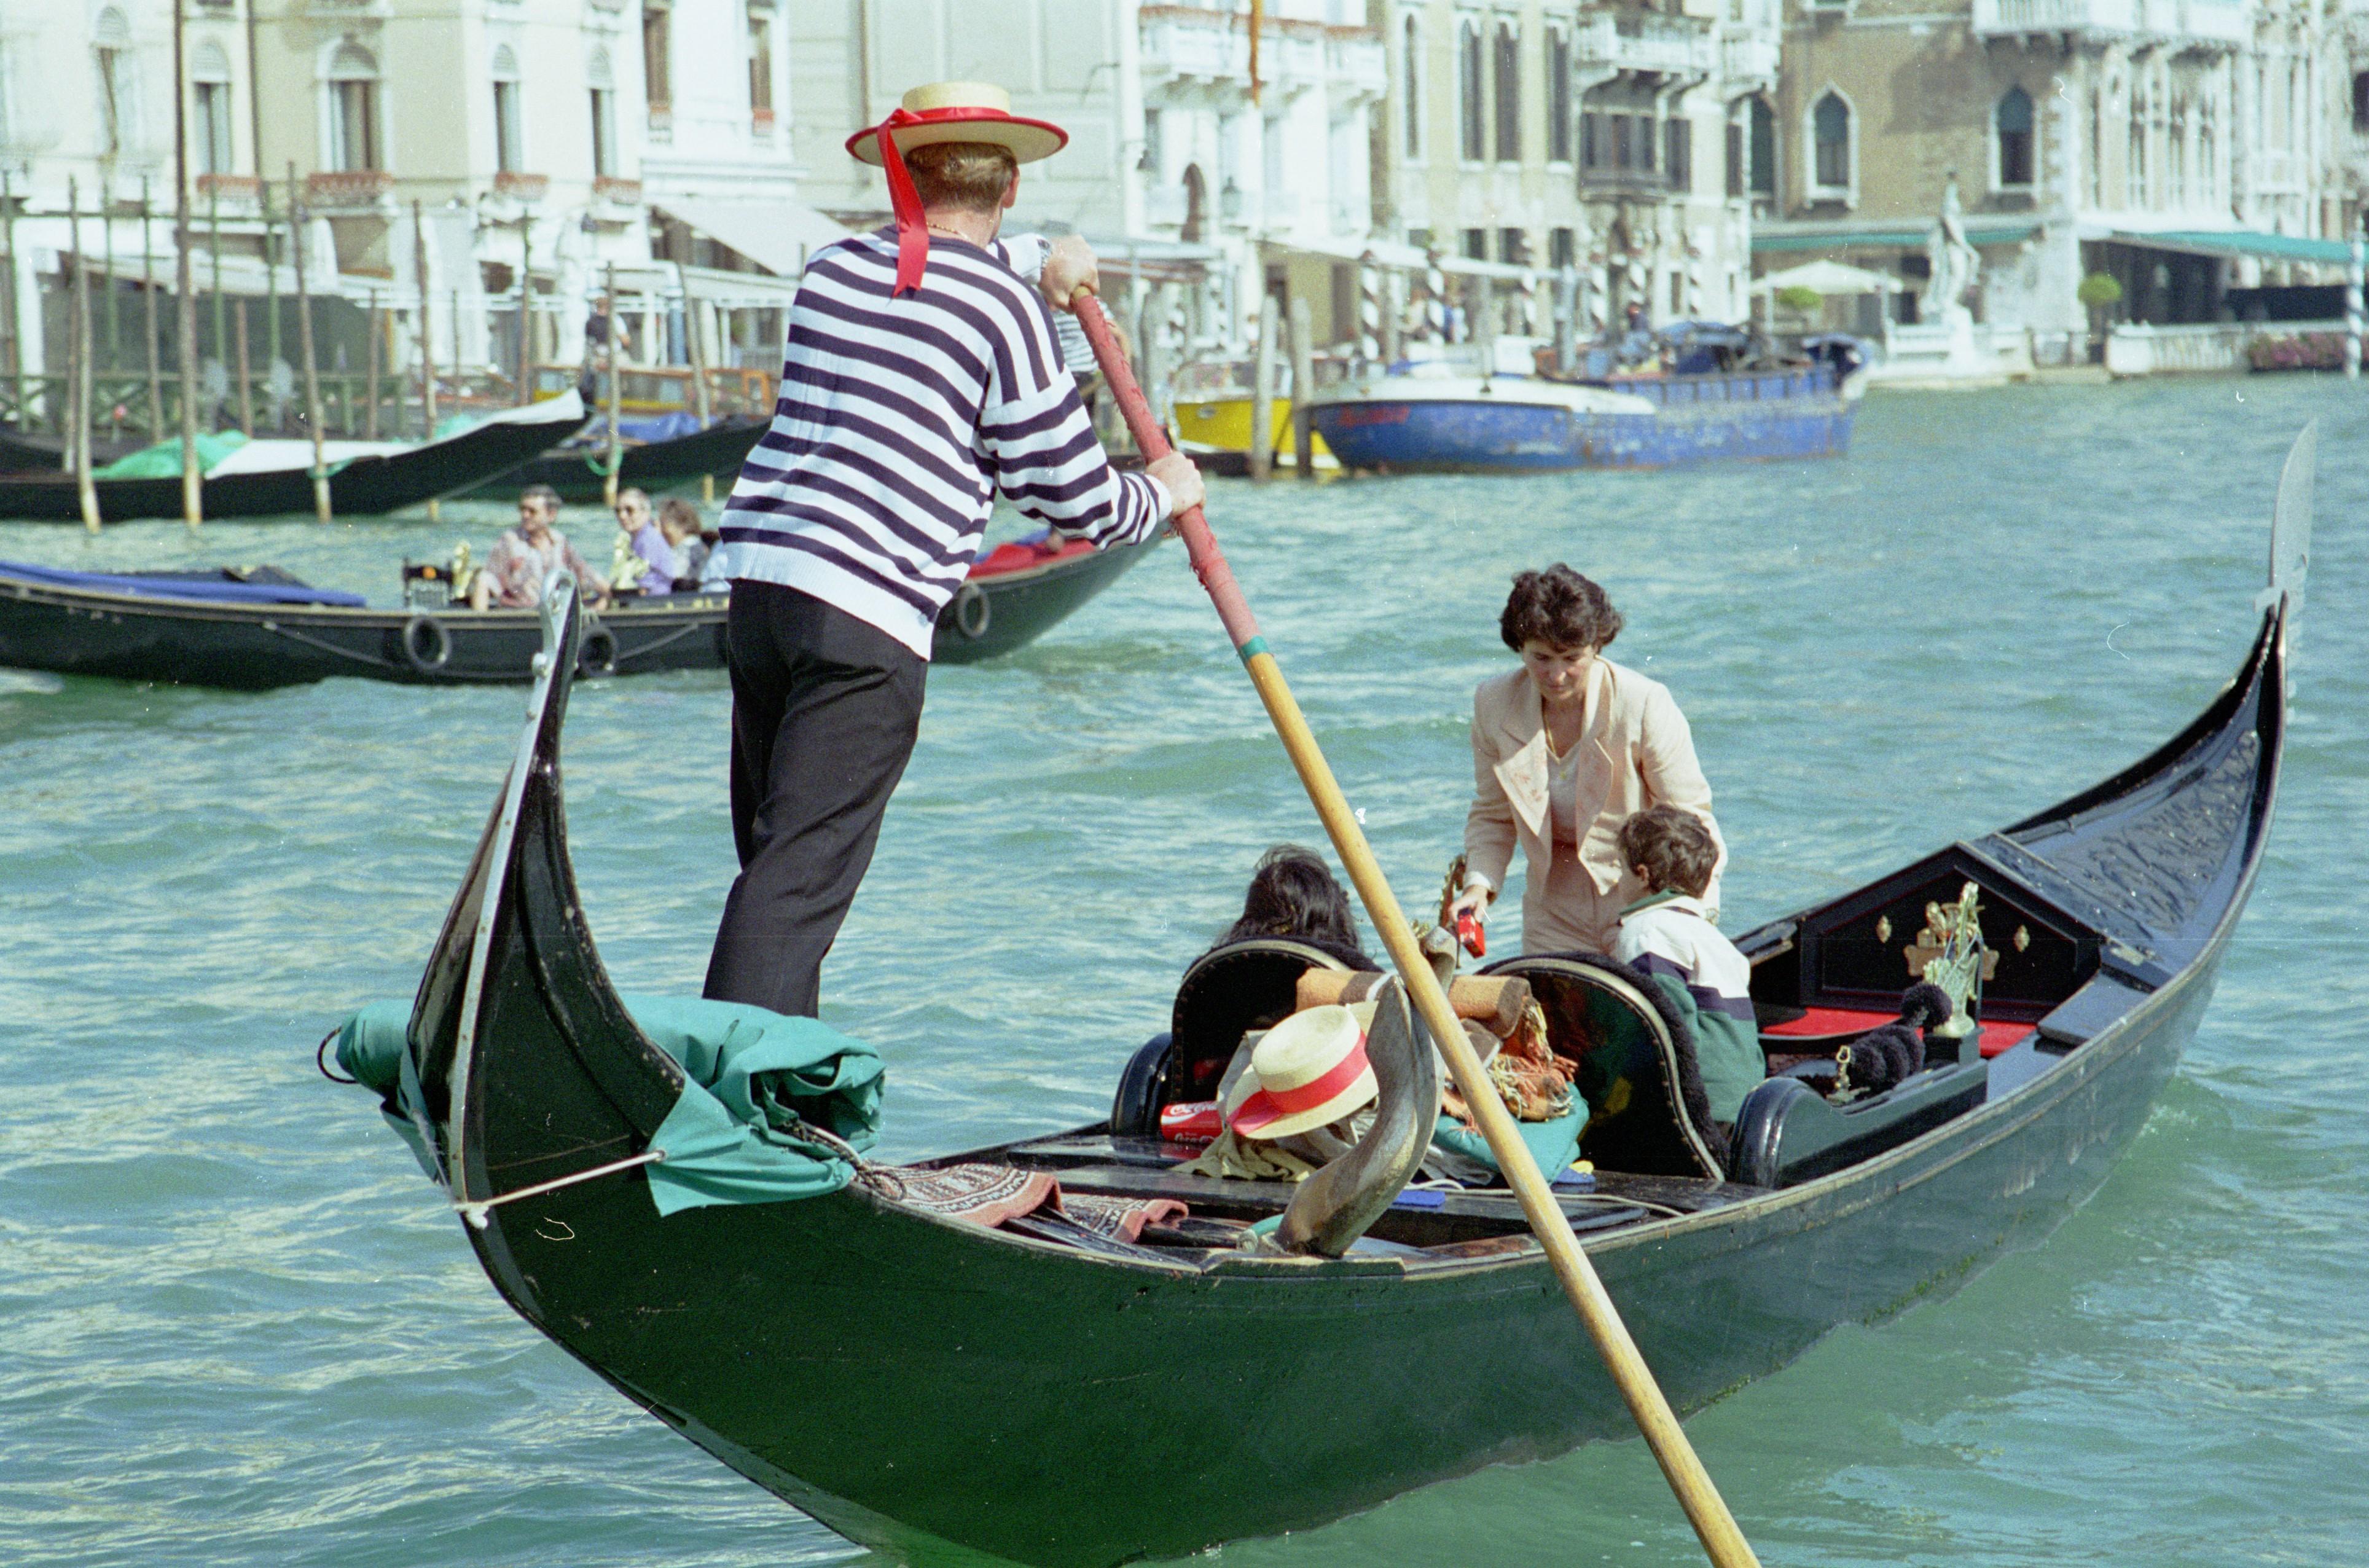 Italy_Venice_gondola.jpg